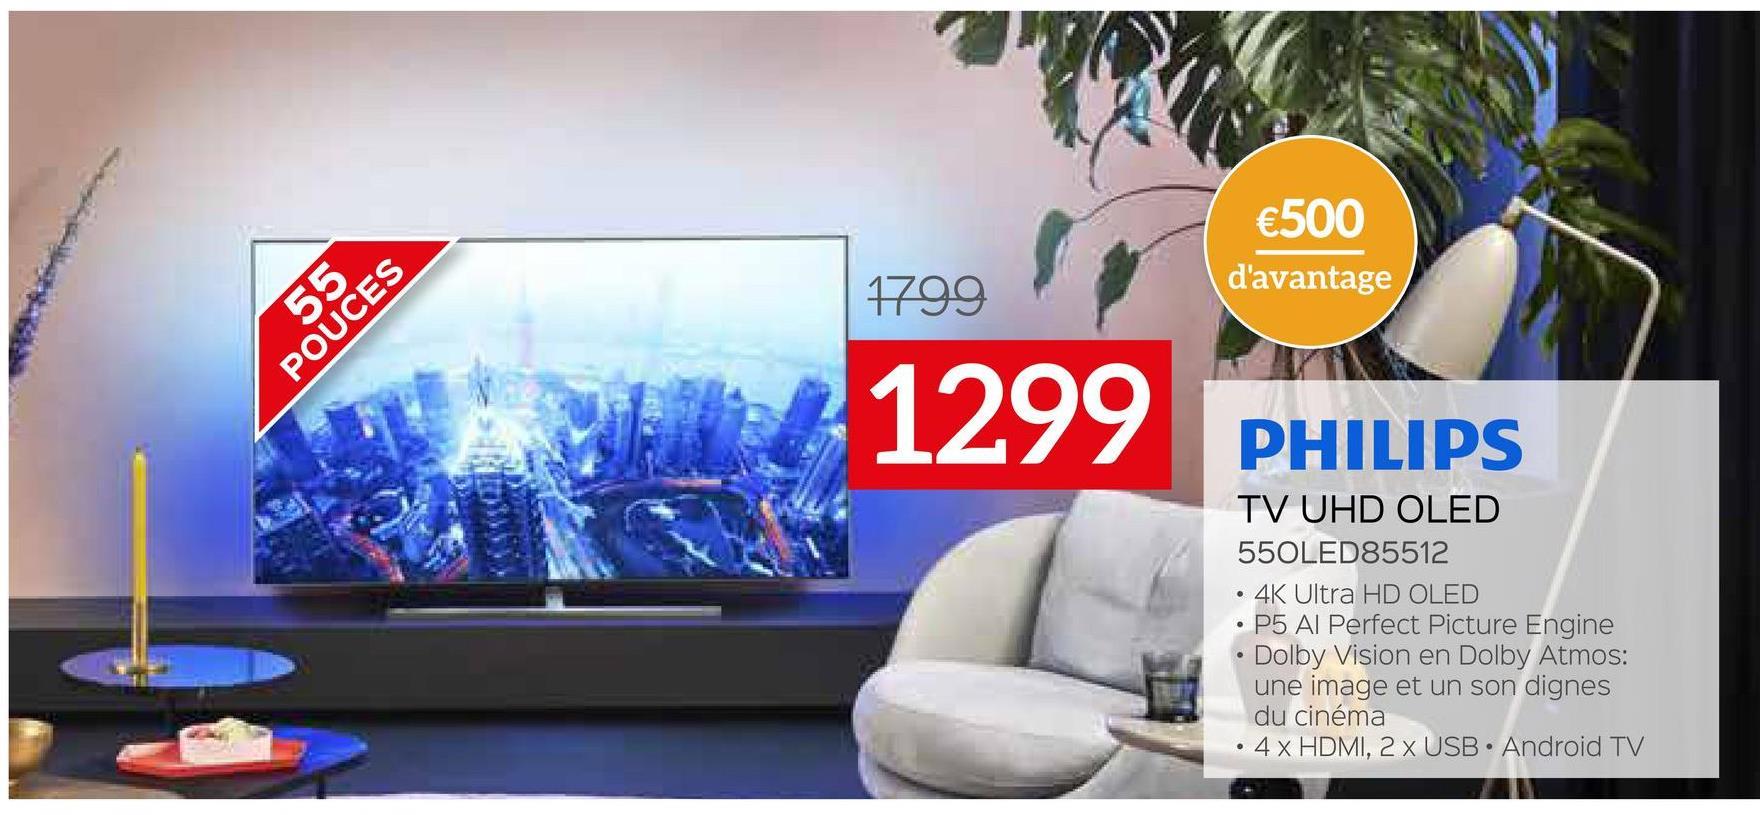 €500 d'avantage 1799 55 POUCES 1299 PHILIPS TV UHD OLED 550LED85512 4K Ultra HD OLED P5 Al Perfect Picture Engine Dolby Vision en Dolby Atmos: une image et un son dignes du cinéma 4 x HDMI, 2 X USB • Android TV